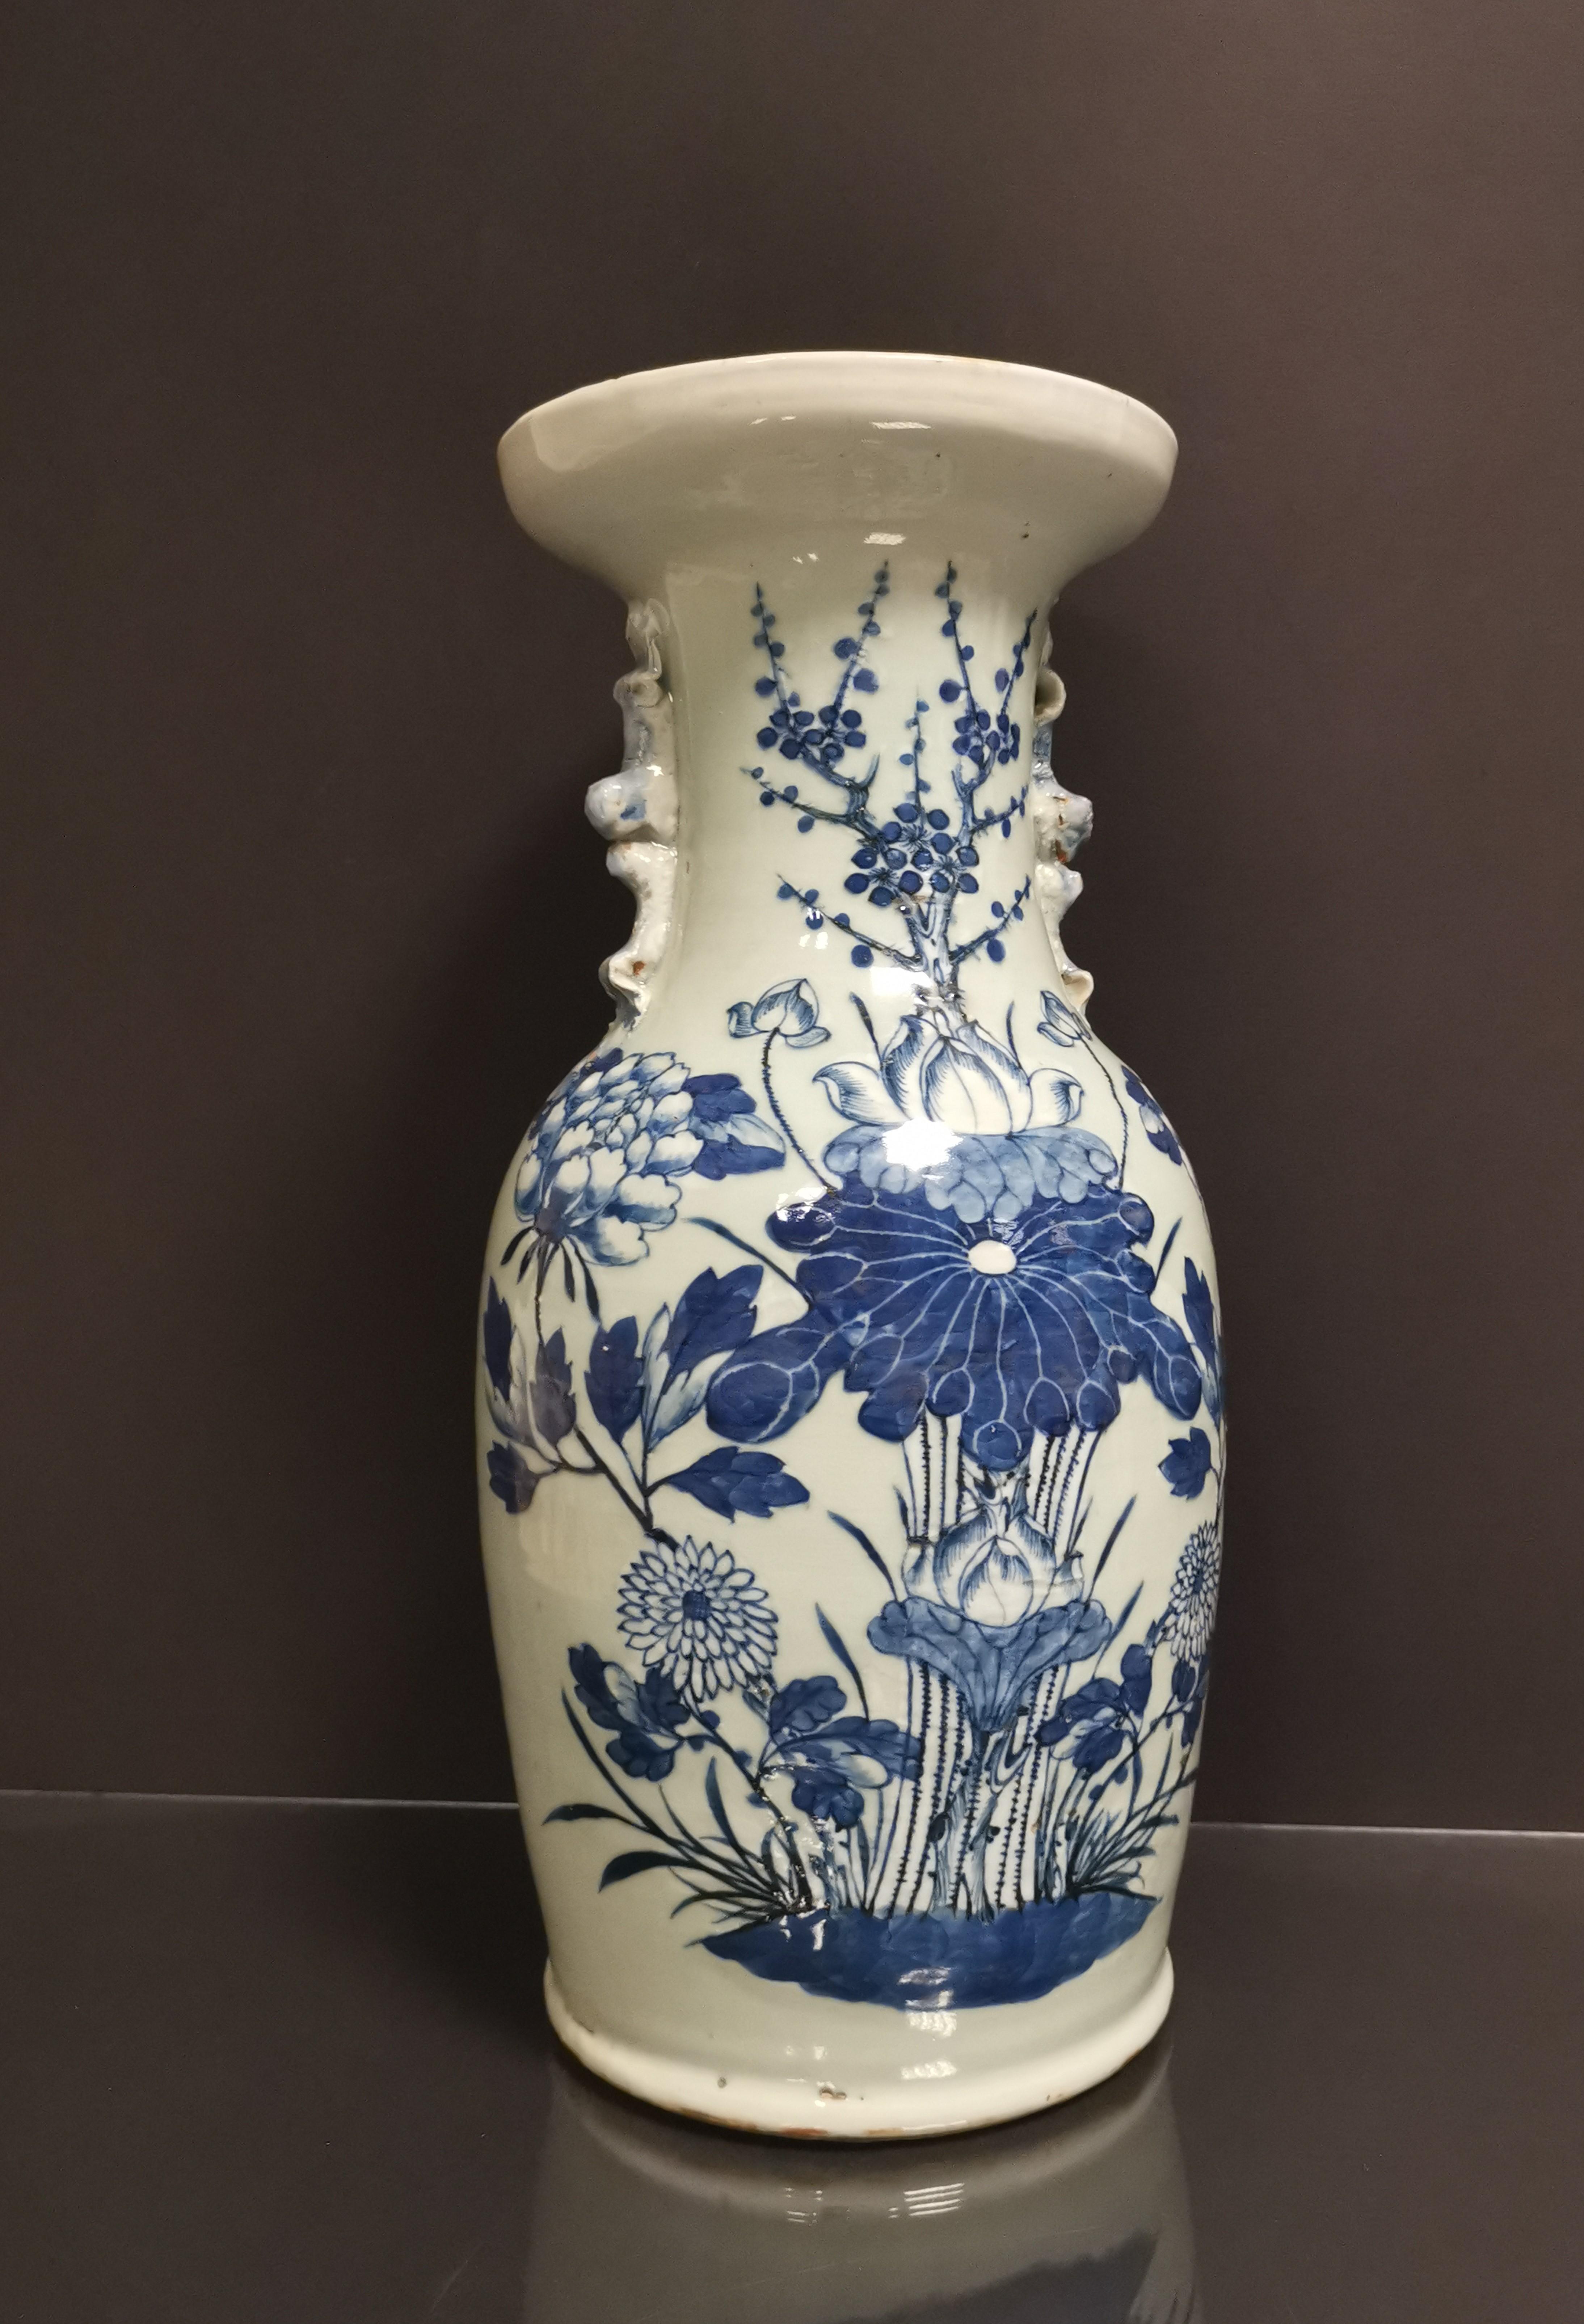 CHINE. Vase balustre en porcelaine à décor bleu sur fond blanc de fleurs de lotus, [...]